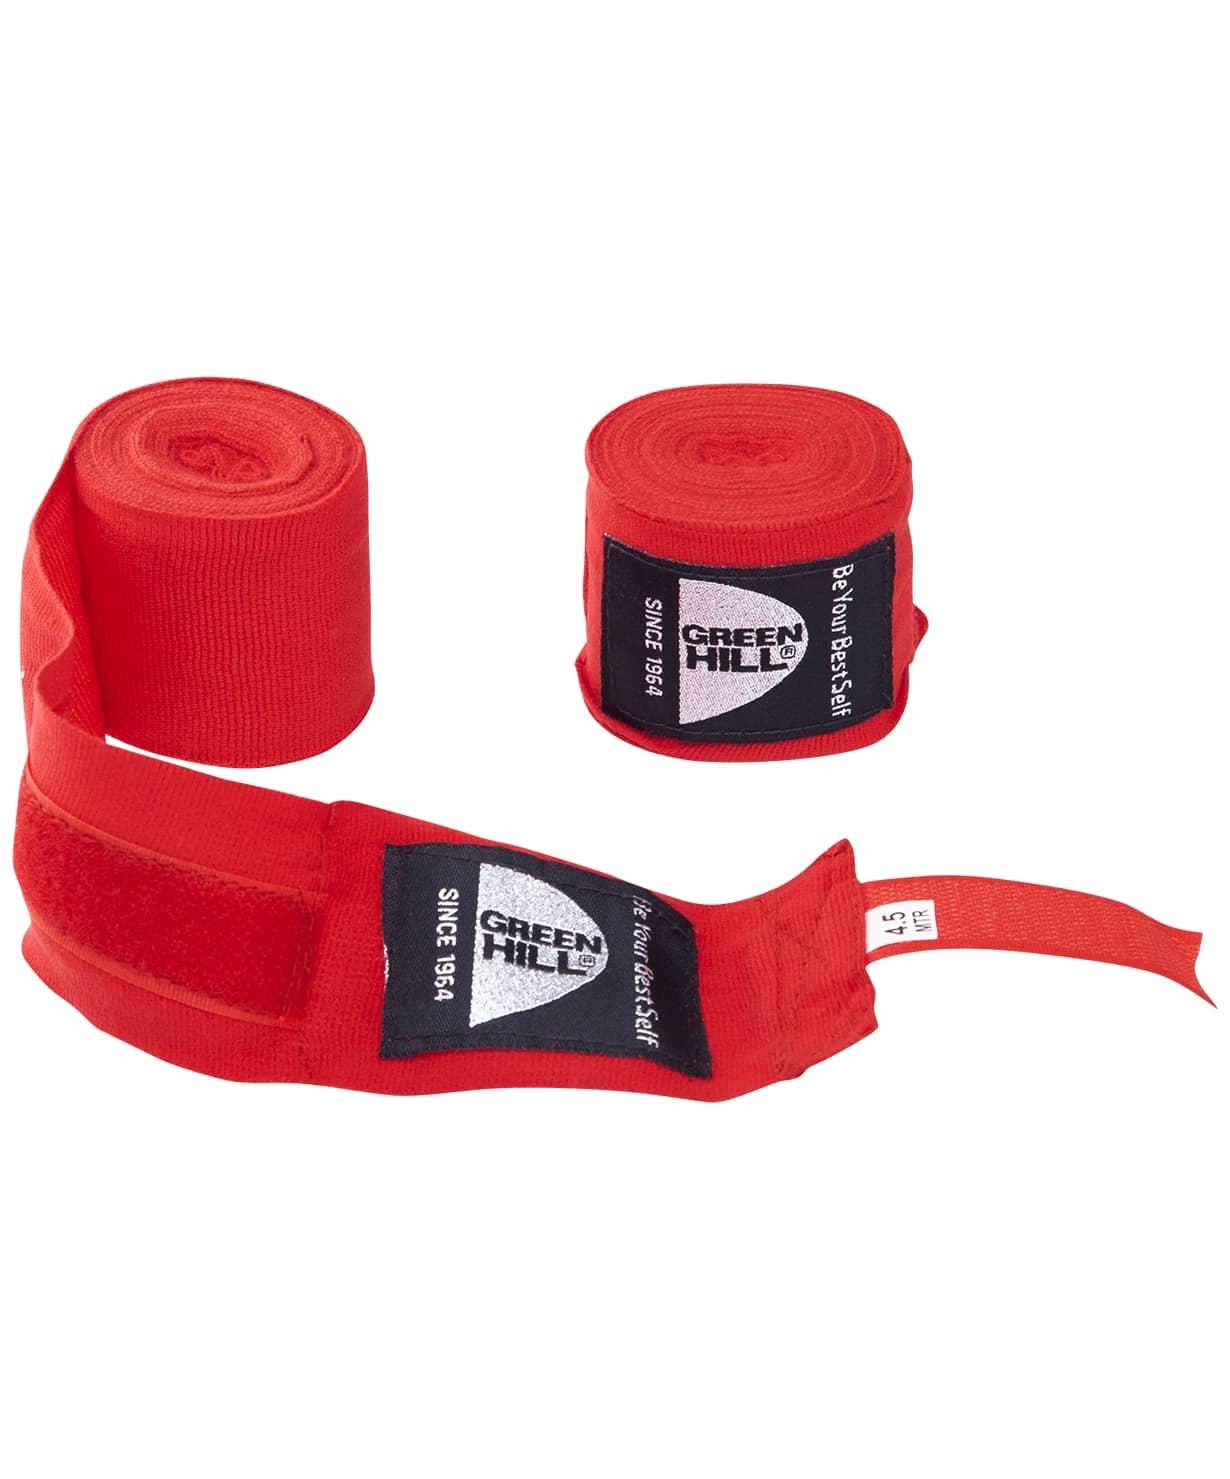 Бинт боксерский BP-6232d, 4,5м, эластик, красный